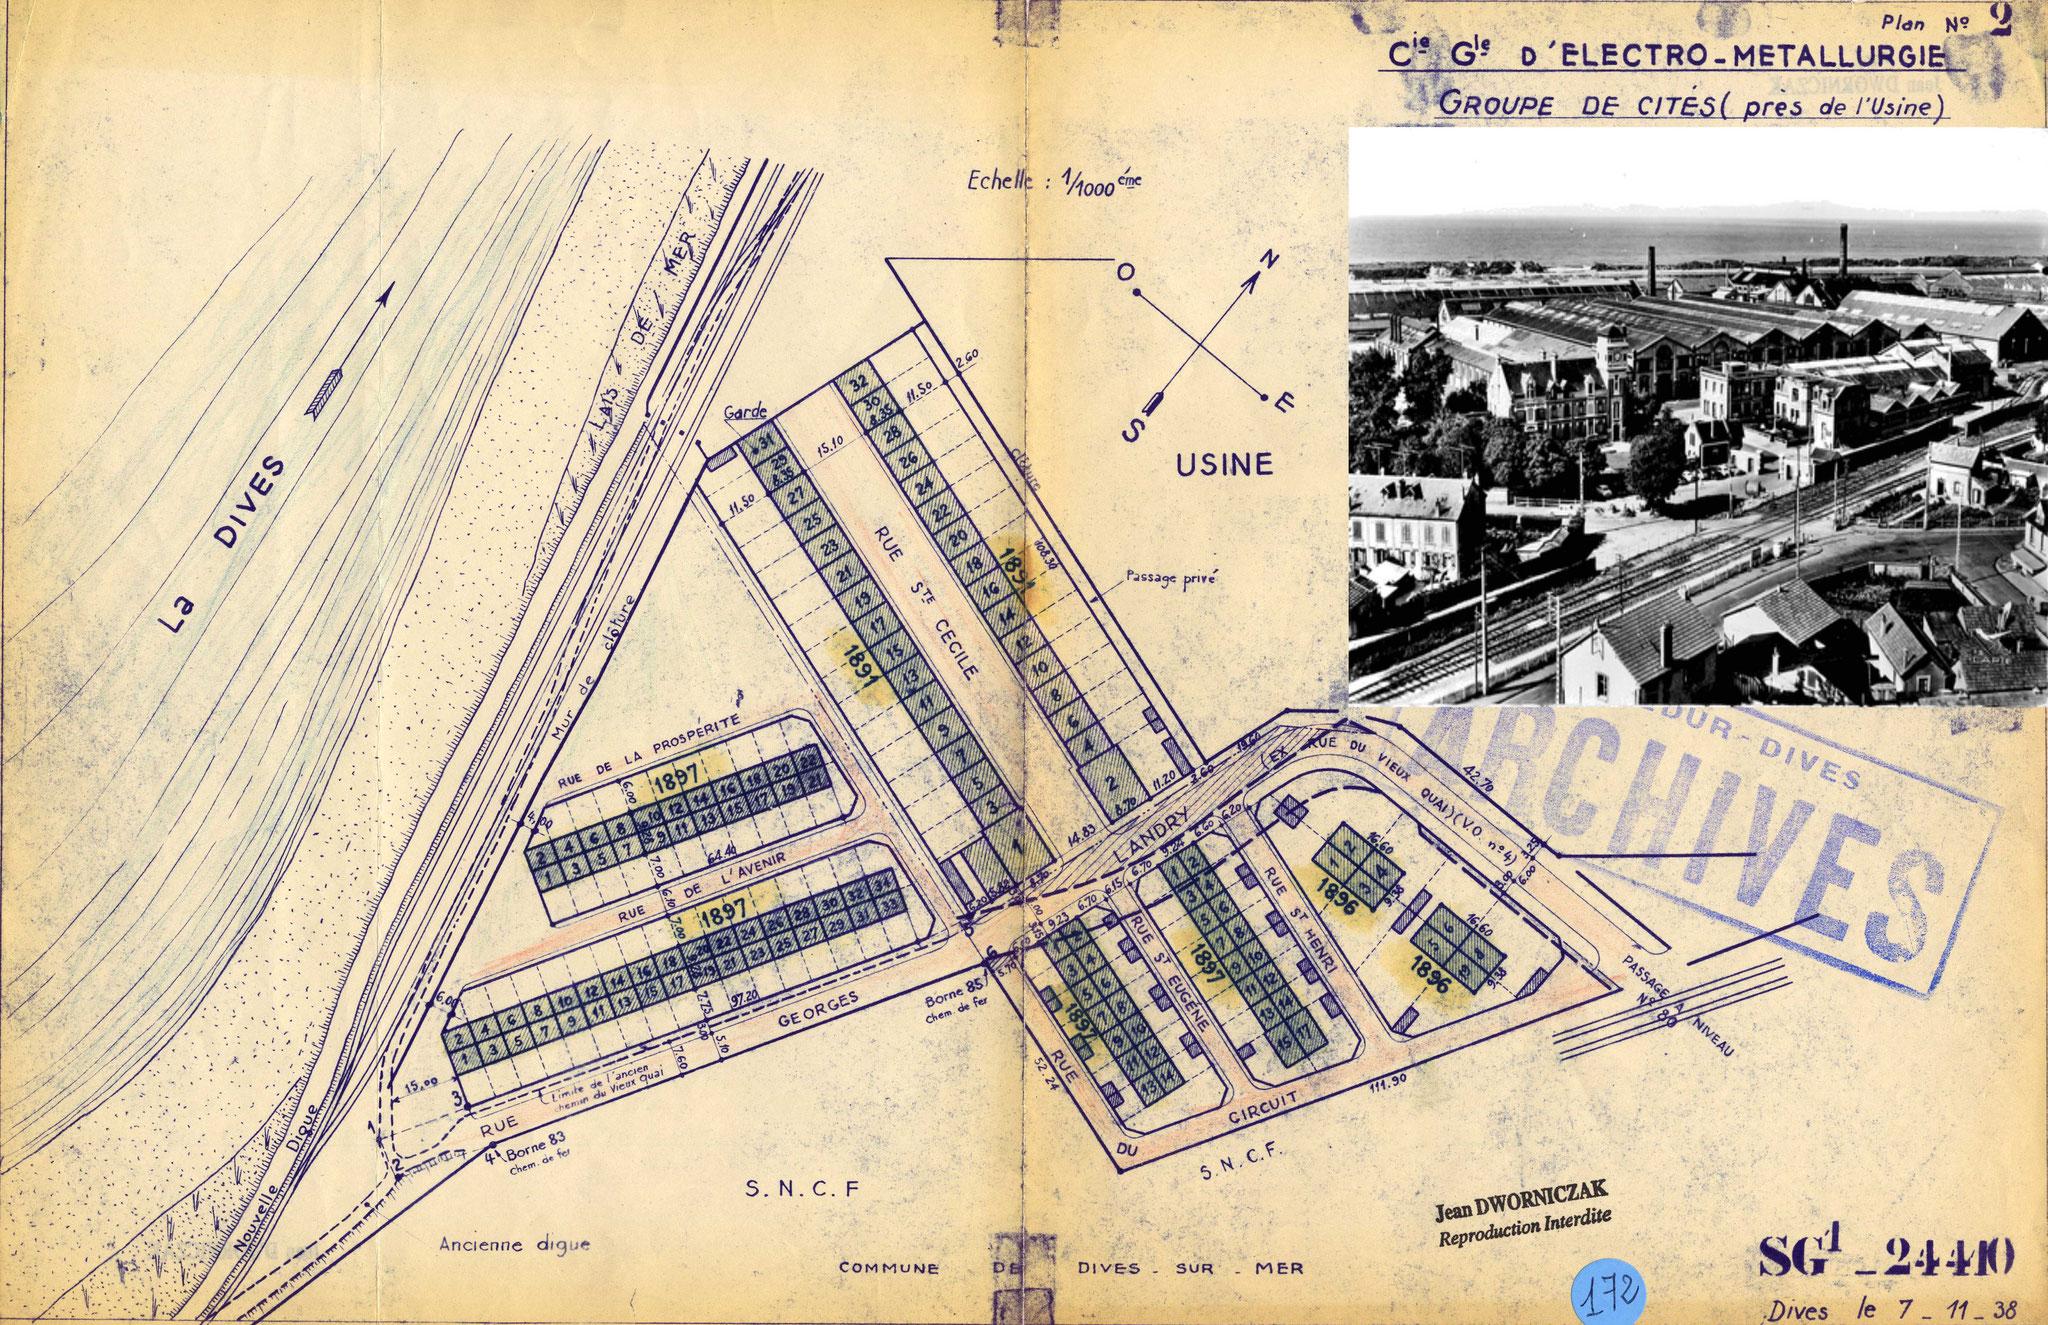 Usine de Dives-sur-Mer, plan groupe de cités, 07-11-1938